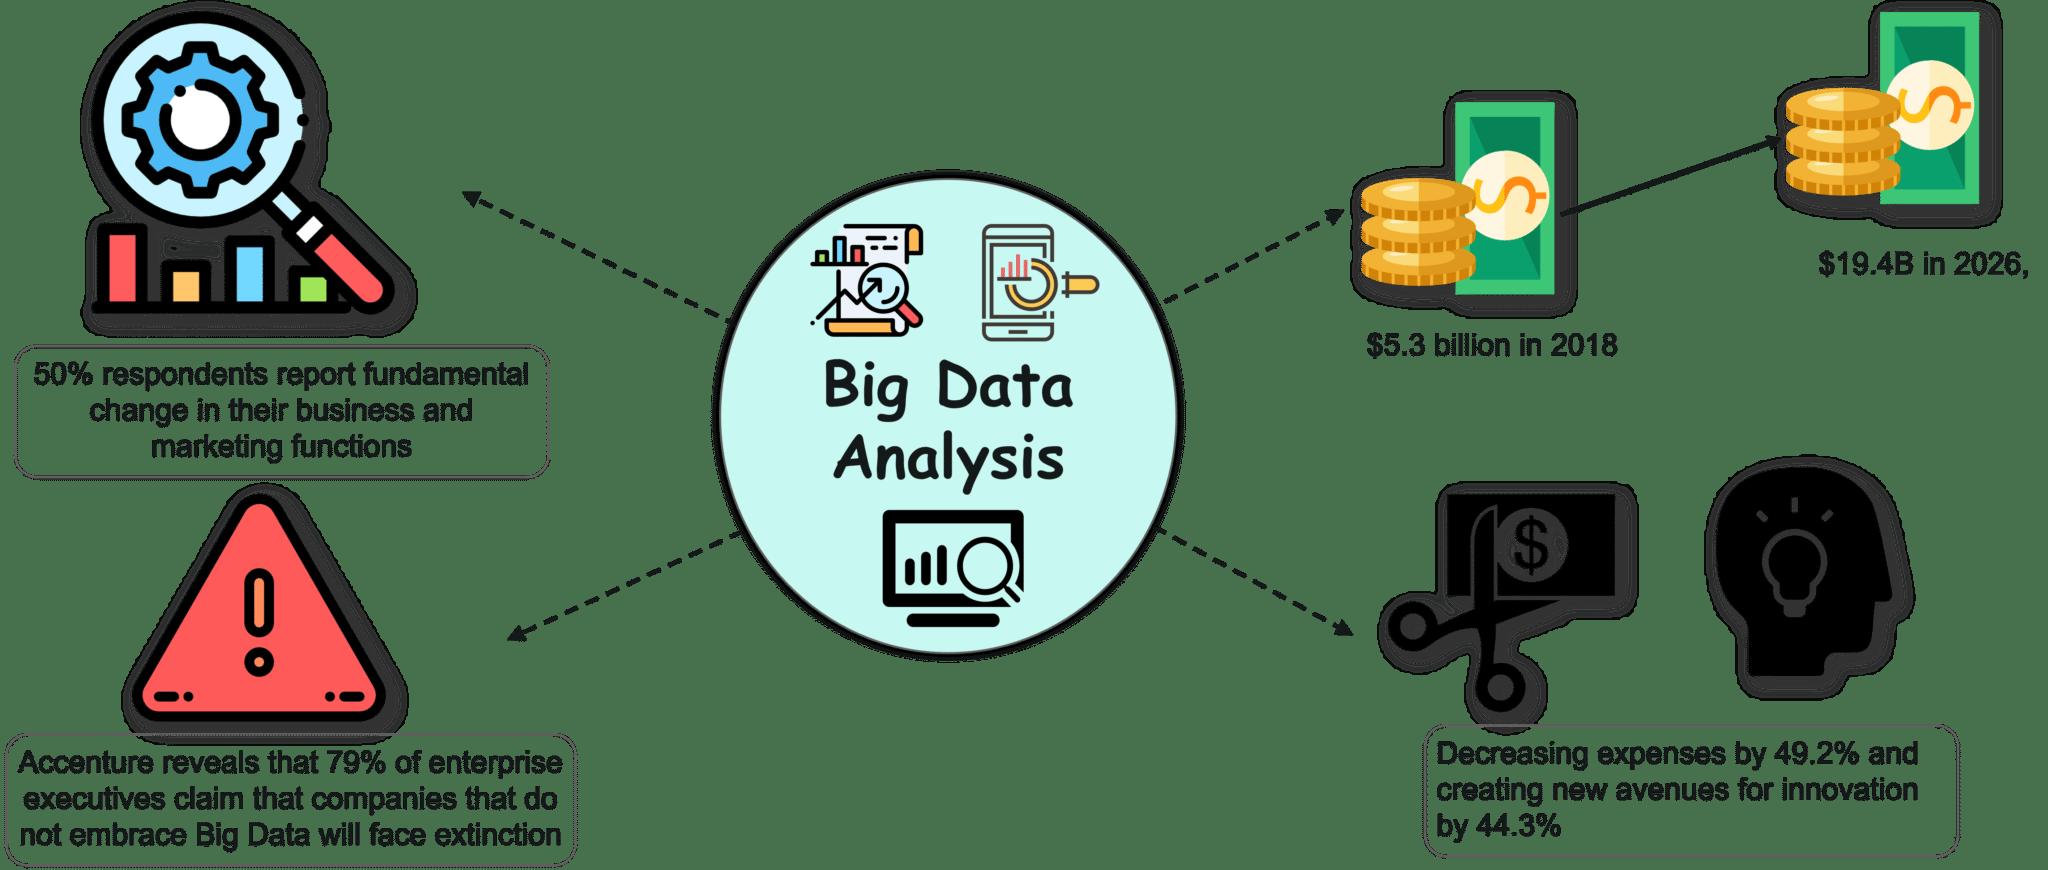 Facts & Statistics of Big Data Analytics - Big Data Analytics - Edureka